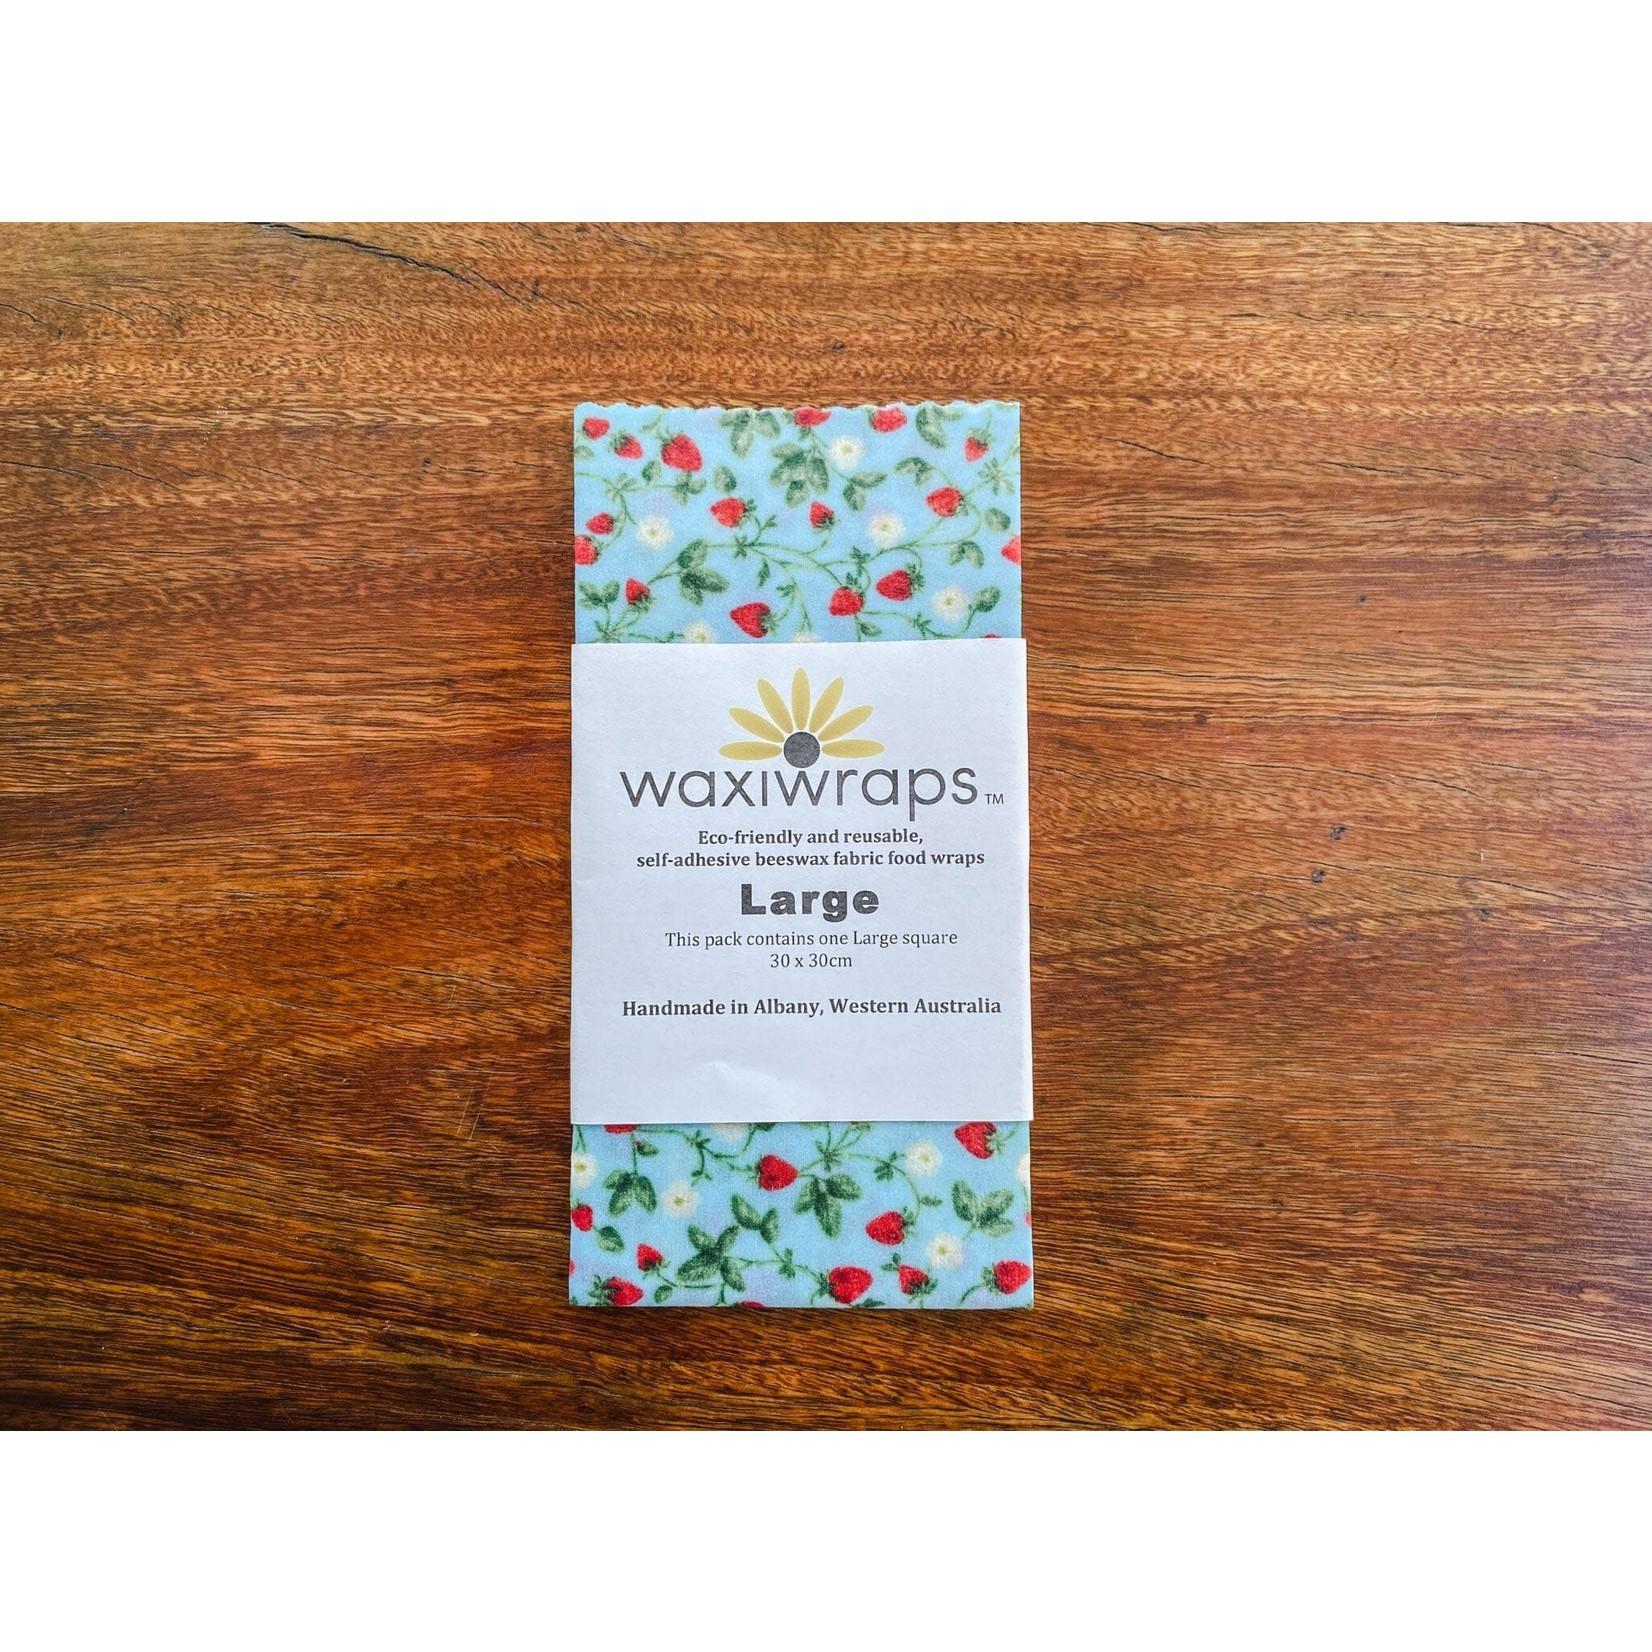 WaxiWraps Waxiwraps Large 30 x 30 cm Square